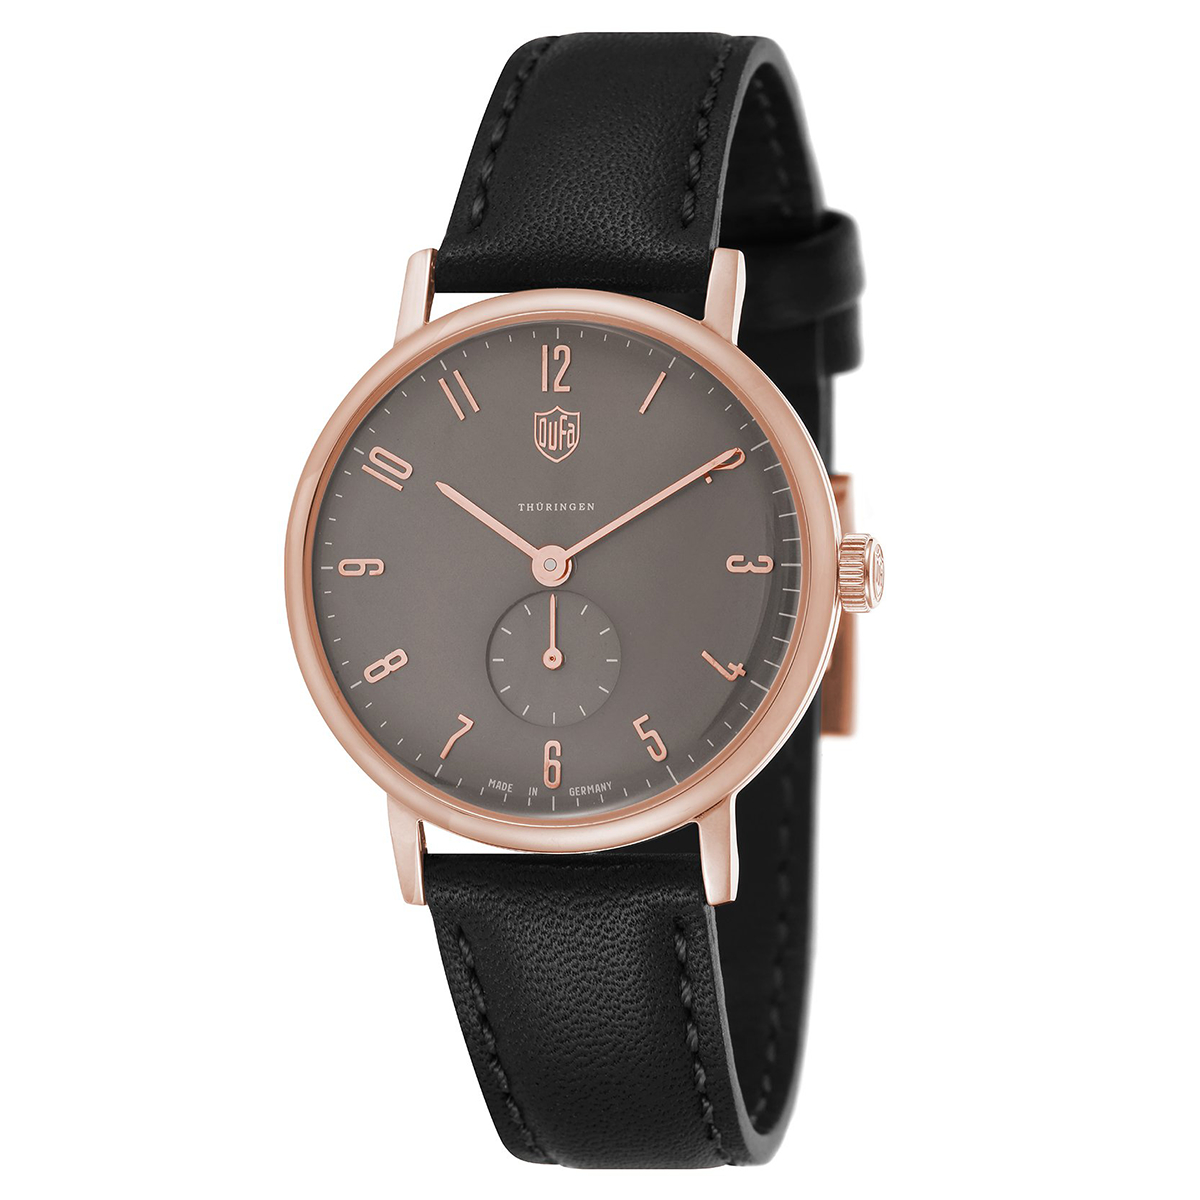 【全品送料無料】 DUFA ドゥッファ DF-9001-0n GROPIUS グロピウス 時計 腕時計 メンズ レディース 男性 女性 おしゃれ プレゼント 贈り物 ギフト ドイツ バウハウス[あす楽]